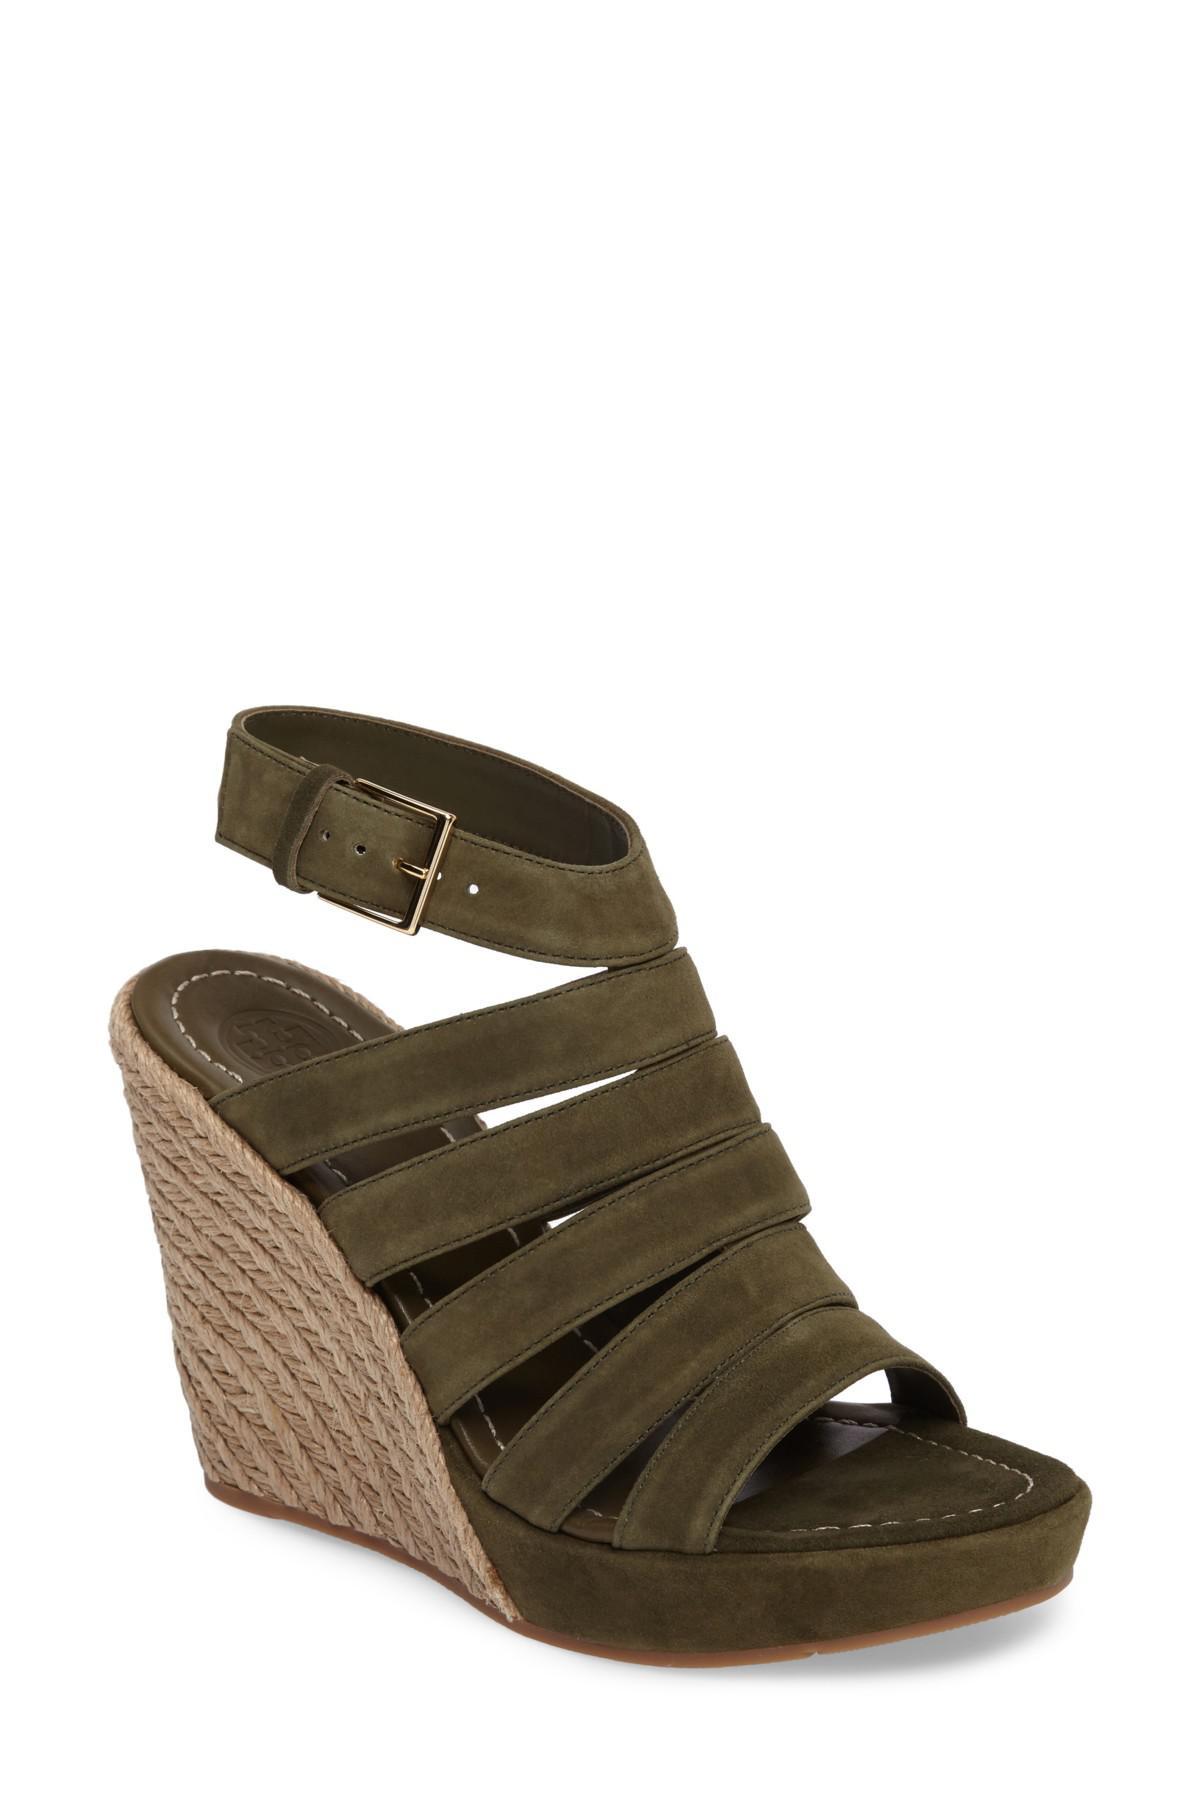 78348867de73 Lyst - Tory Burch Bailey Wedge Sandal (women) in Green